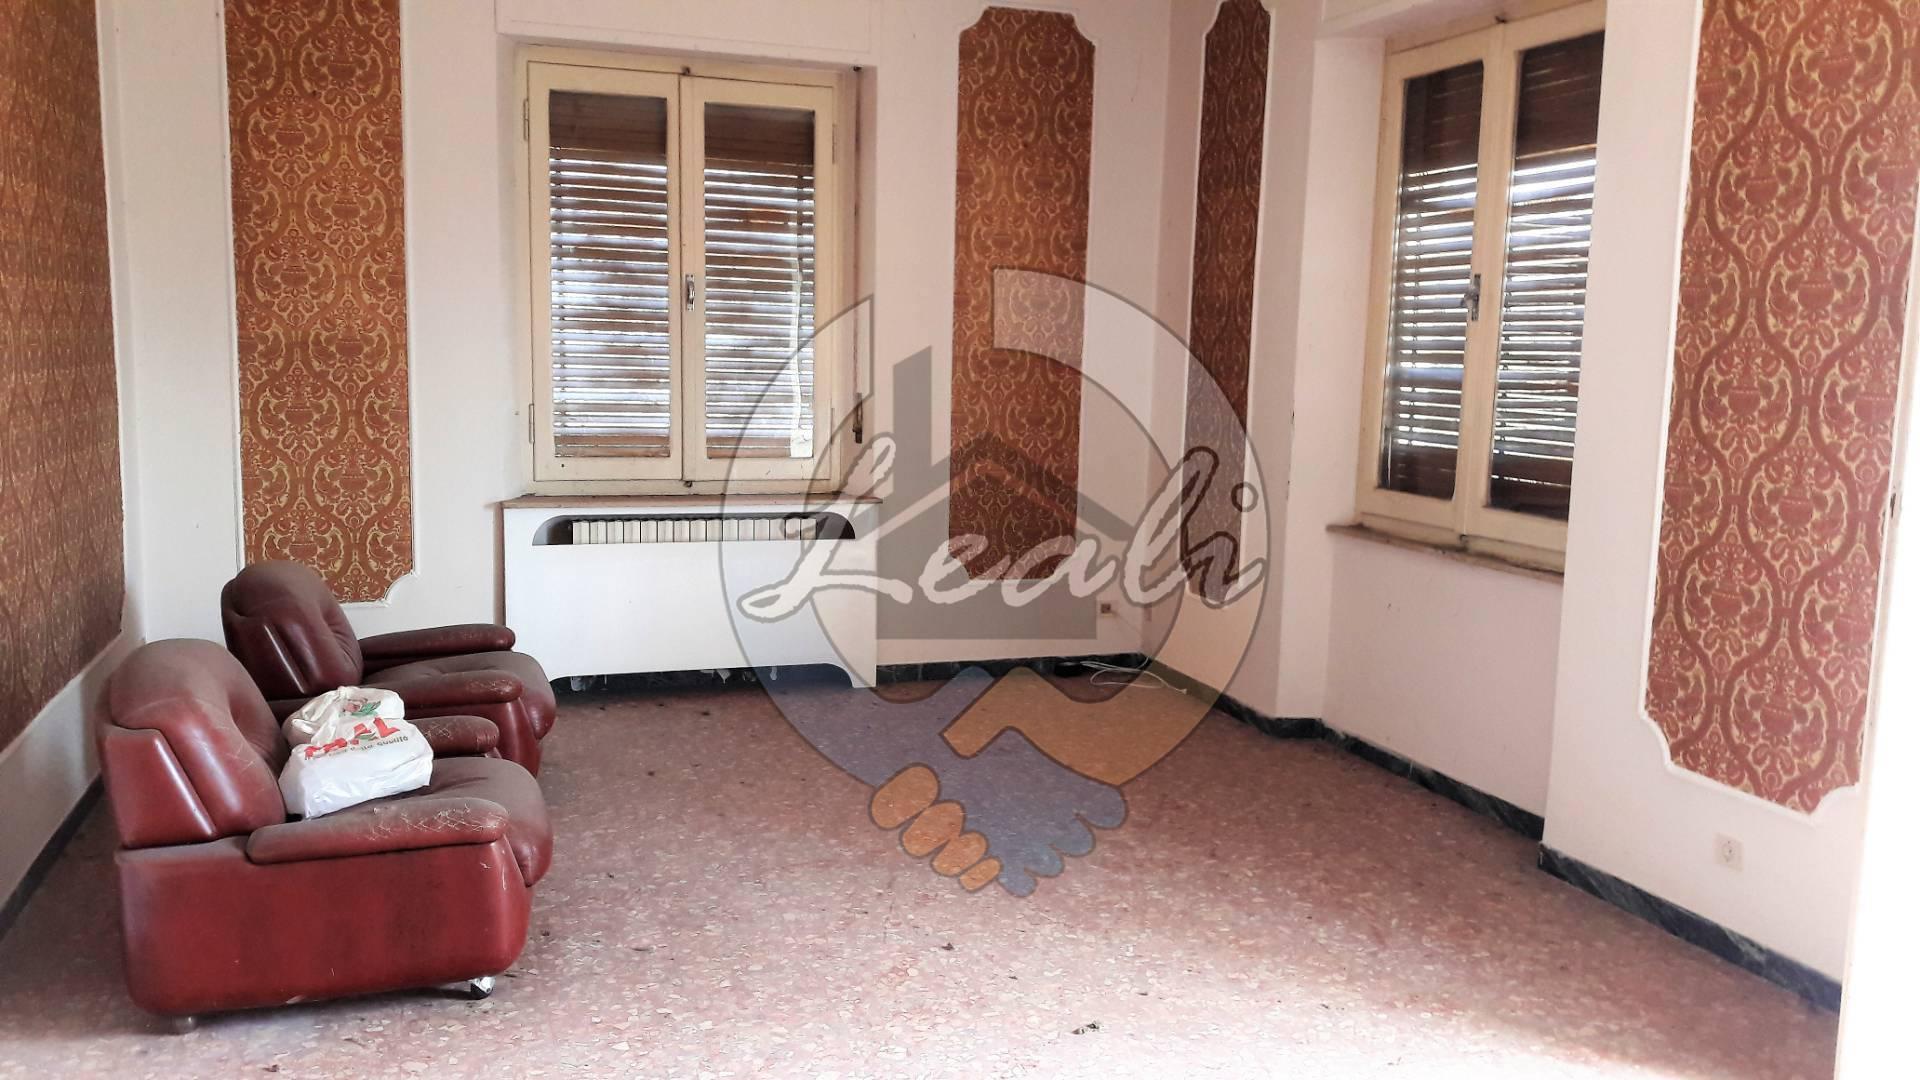 Appartamento in vendita a Macerata, 6 locali, prezzo € 85.000   CambioCasa.it